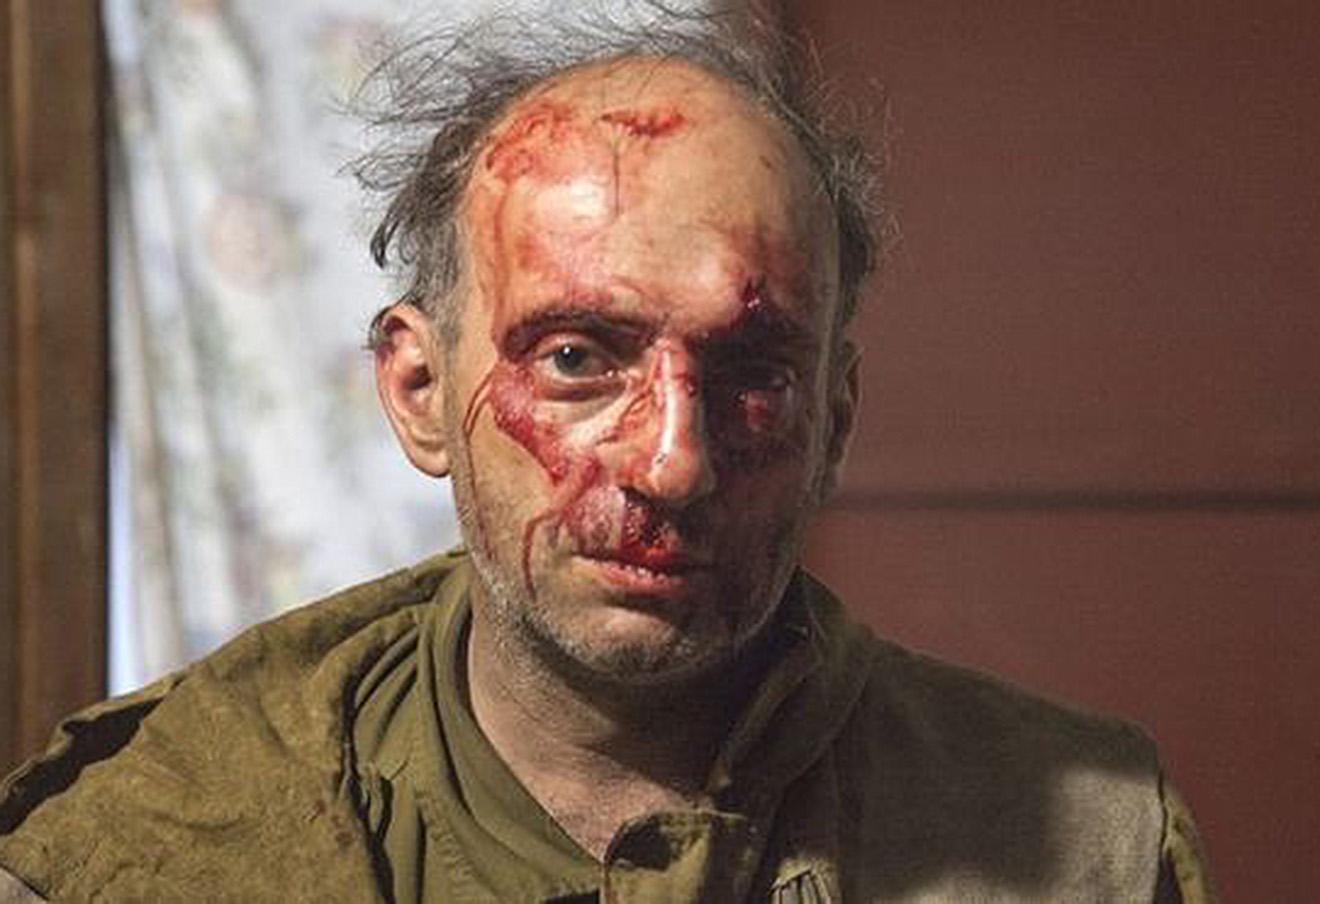 Сотрудник Greenpeace Михаил Крейндлин после нападения. Фото: Мария Васильева / Greenpeace